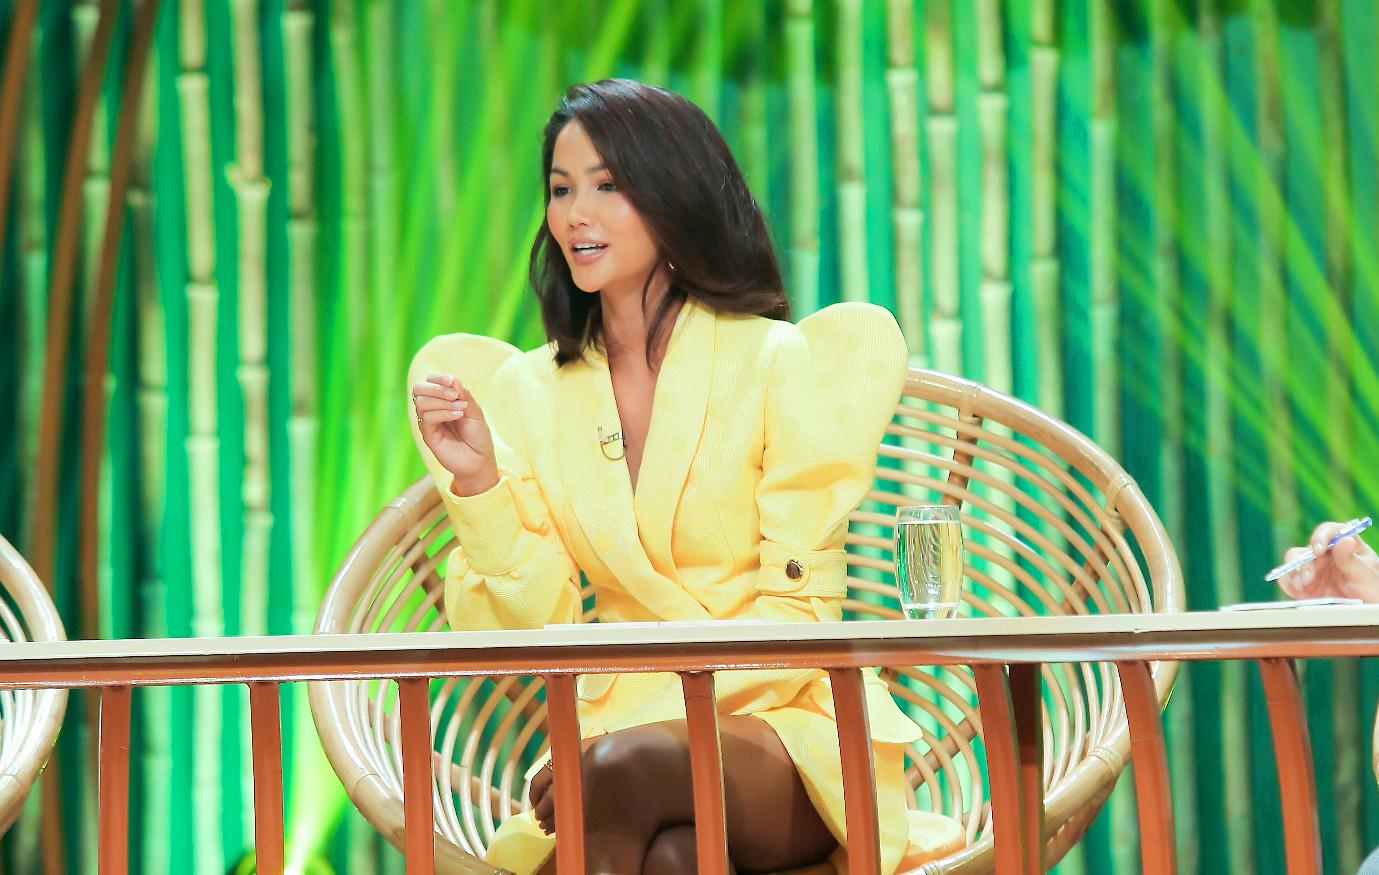 Hoa hậu HHen Niê tiết lộ từng bị giáo viên tâm lý đánh giá là người không có tham vọng, lý do lại liên quan đến cuộc thi Miss Universe 2018 - Ảnh 5.